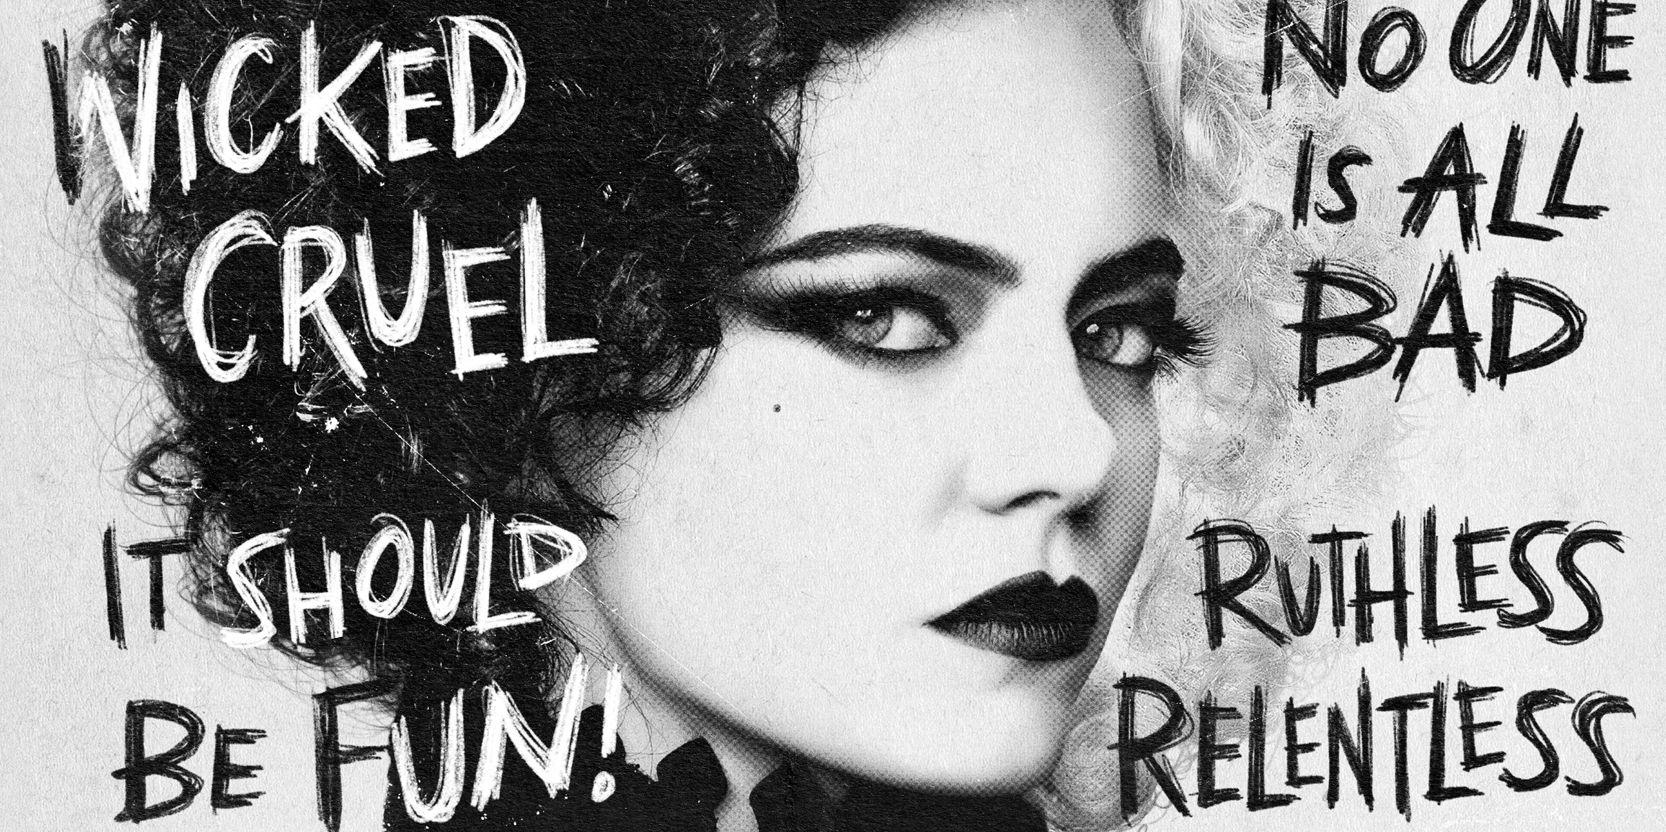 Cruella Gets Descriptive New Character Posters - Geeky Craze